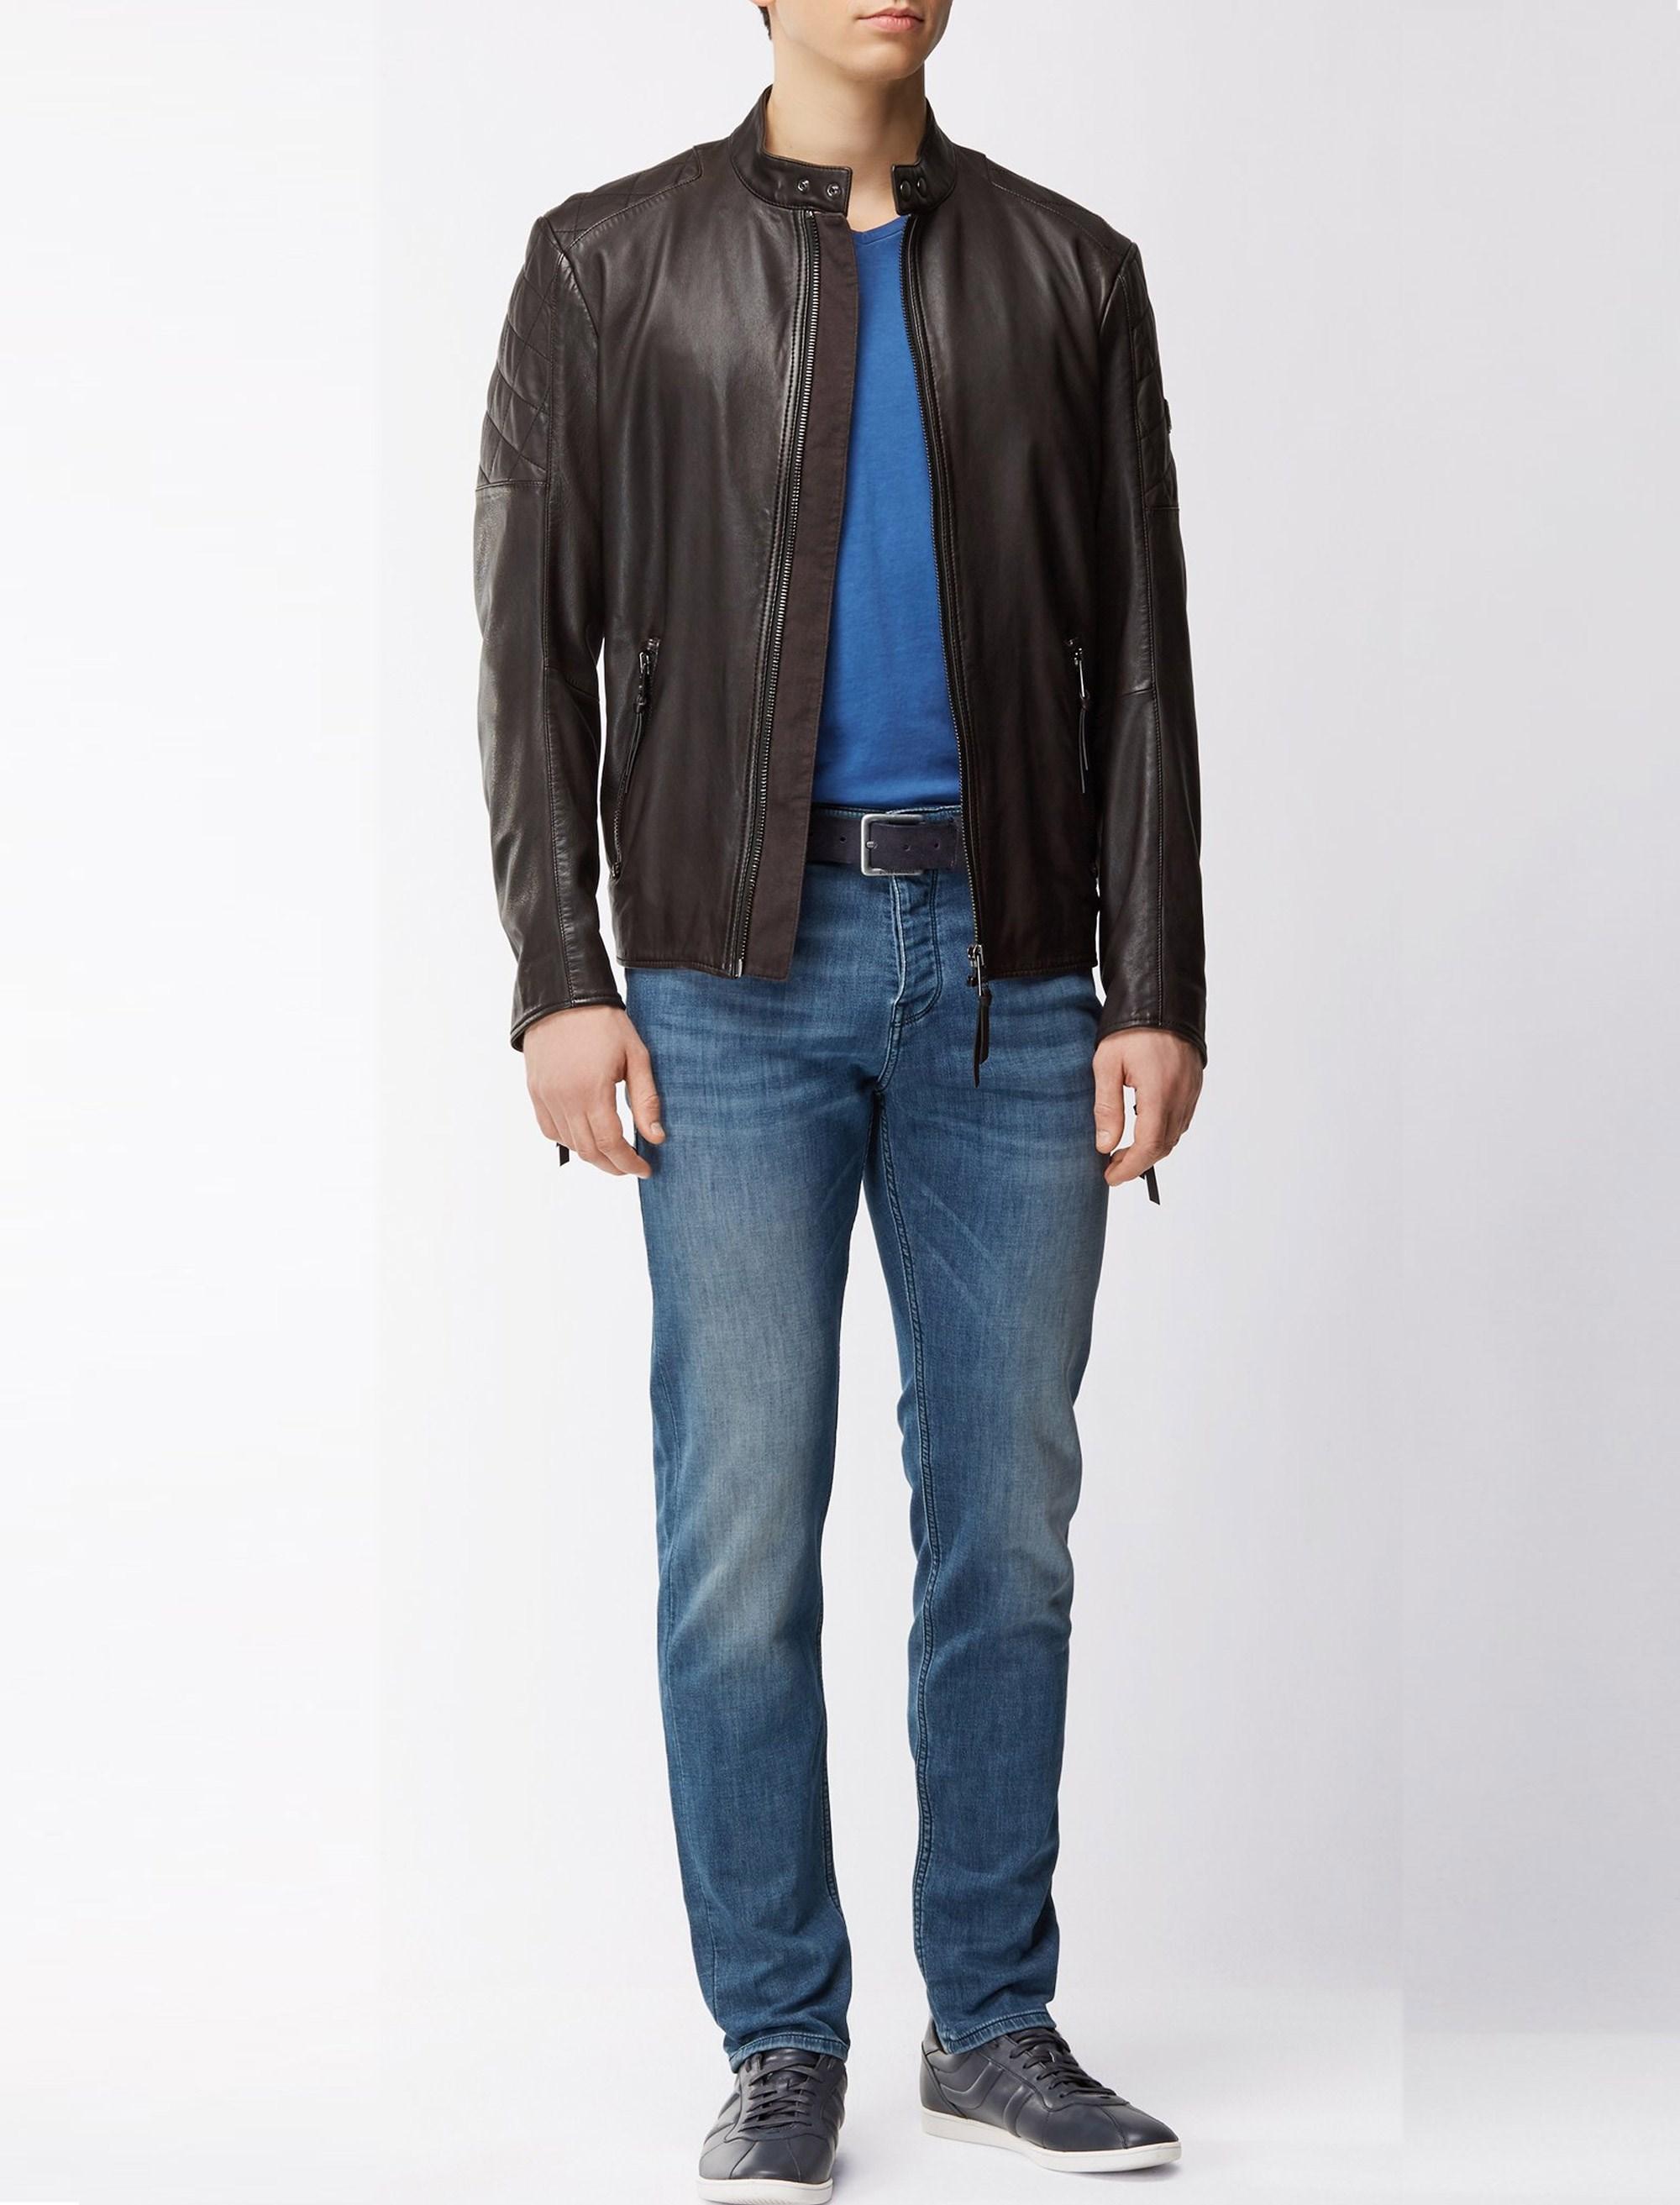 شلوار جین راسته مردانه Orange90-P SUAVE - باس اورنج